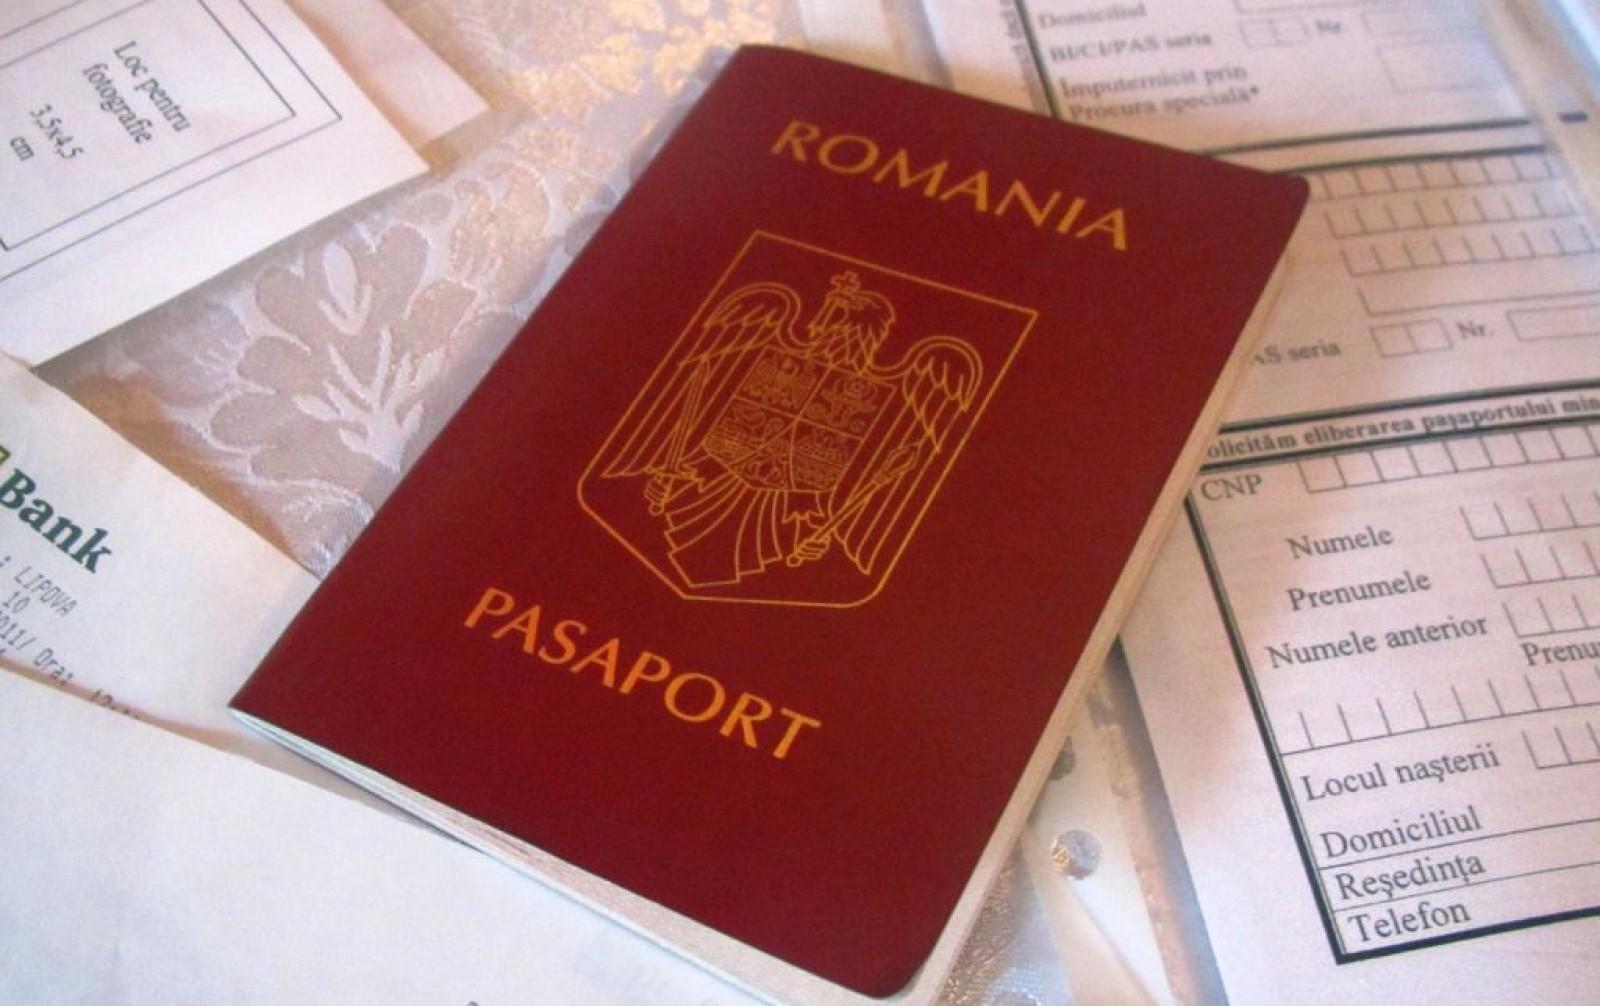 Cererile pentru eliberarea pașaportului: Unde se depun și cât te costă obținerea lui. Ghid practic